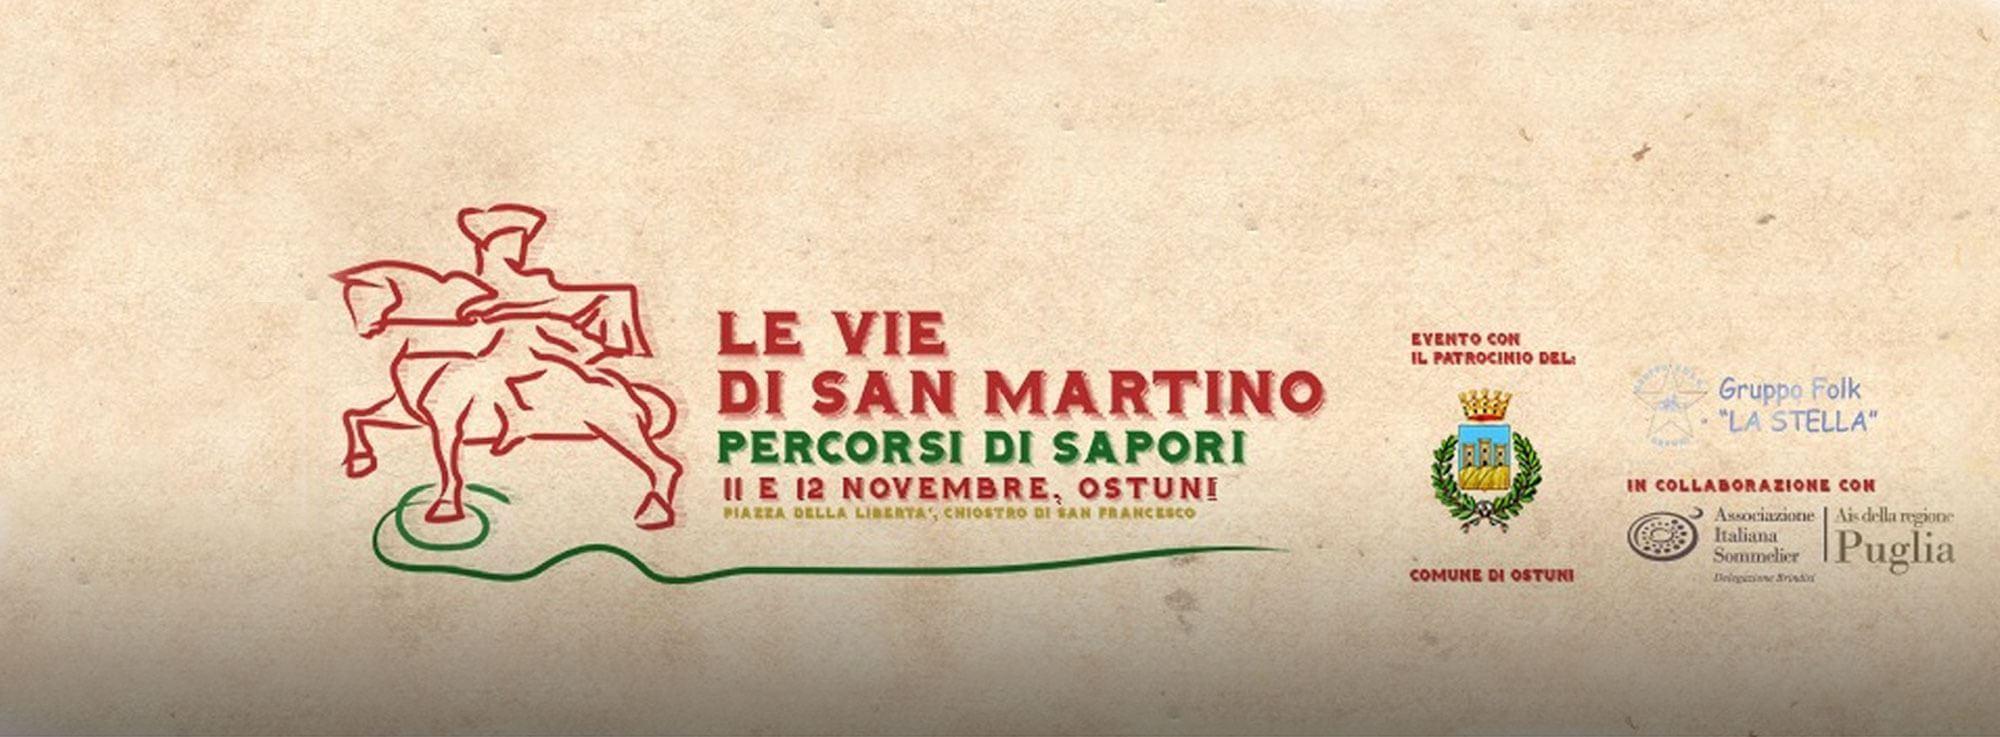 Ostuni: Le vie di San Martino